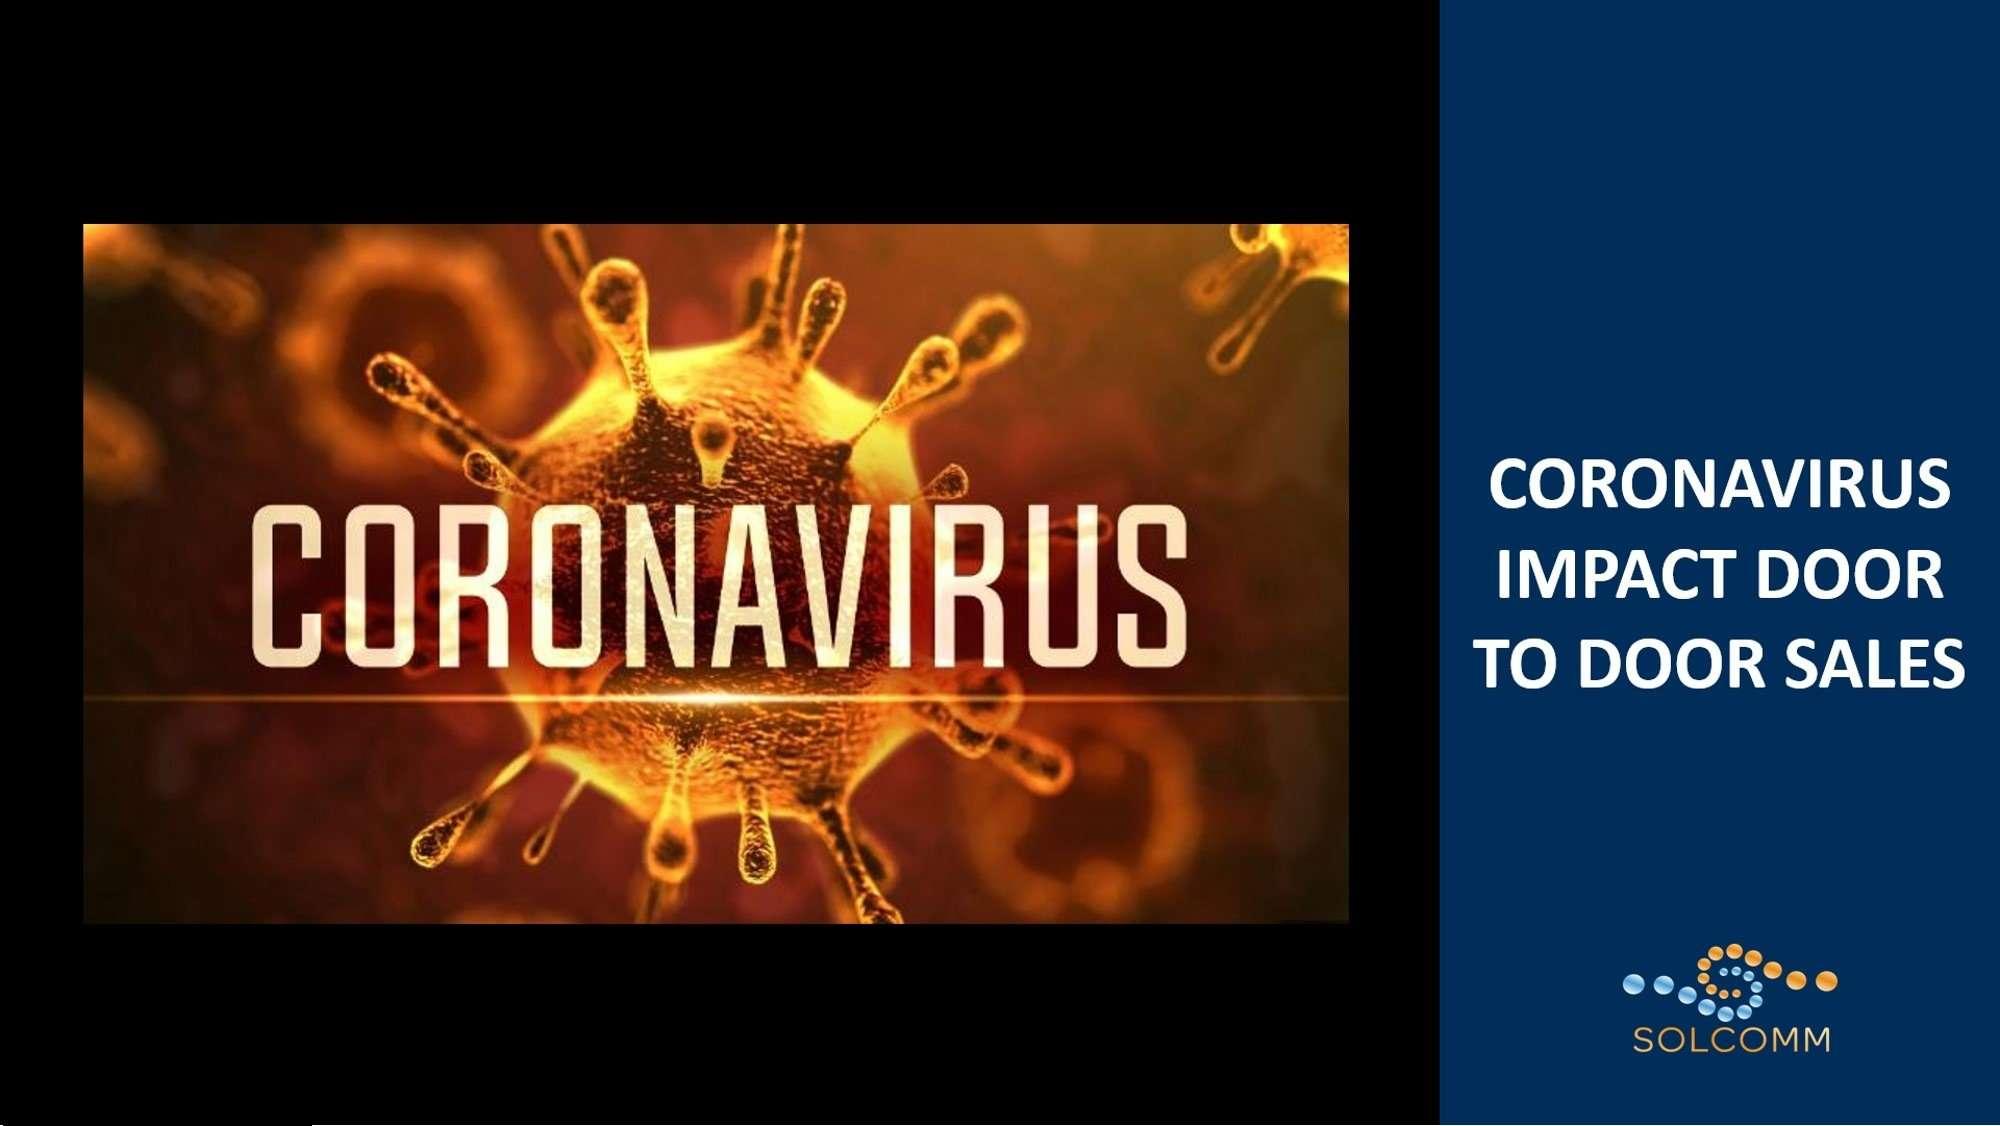 Coronavirus Impact Door to Door Sales